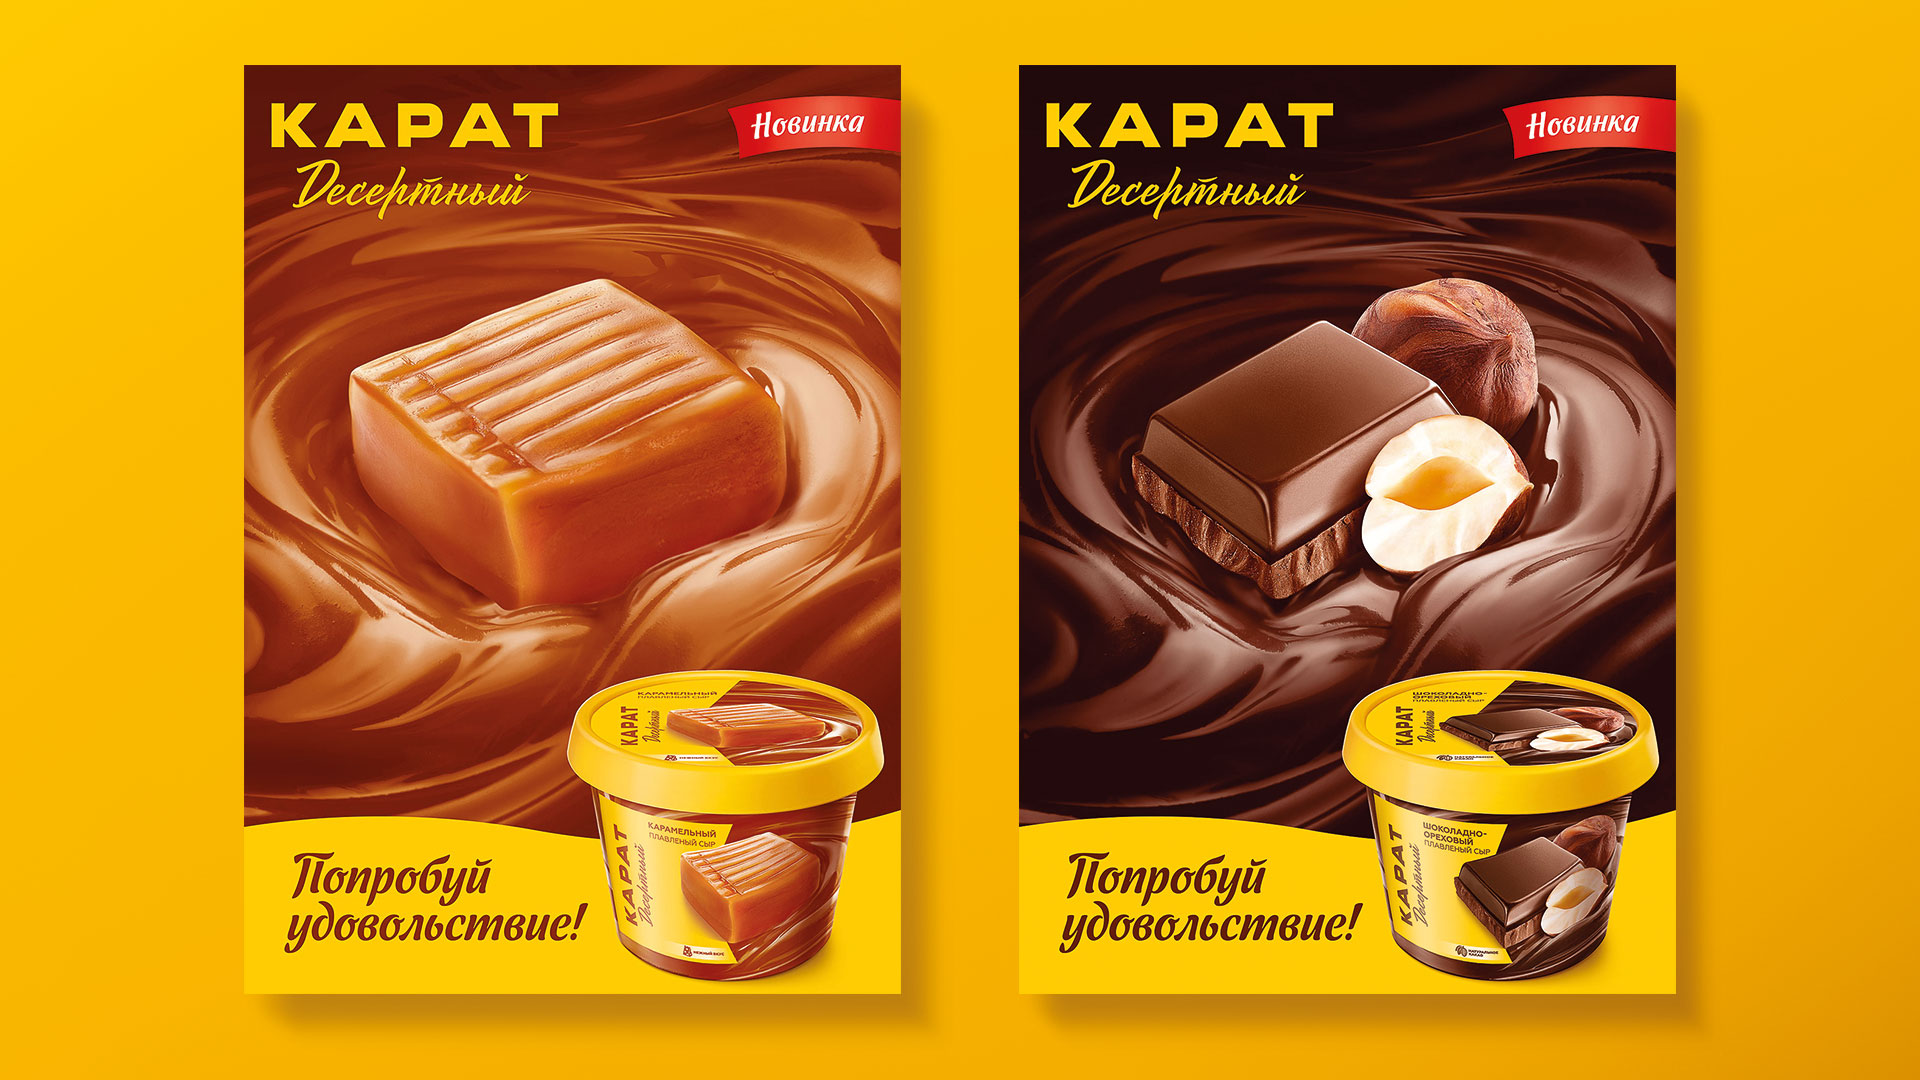 Key visual для десертной линейки плавленых сыров Карат